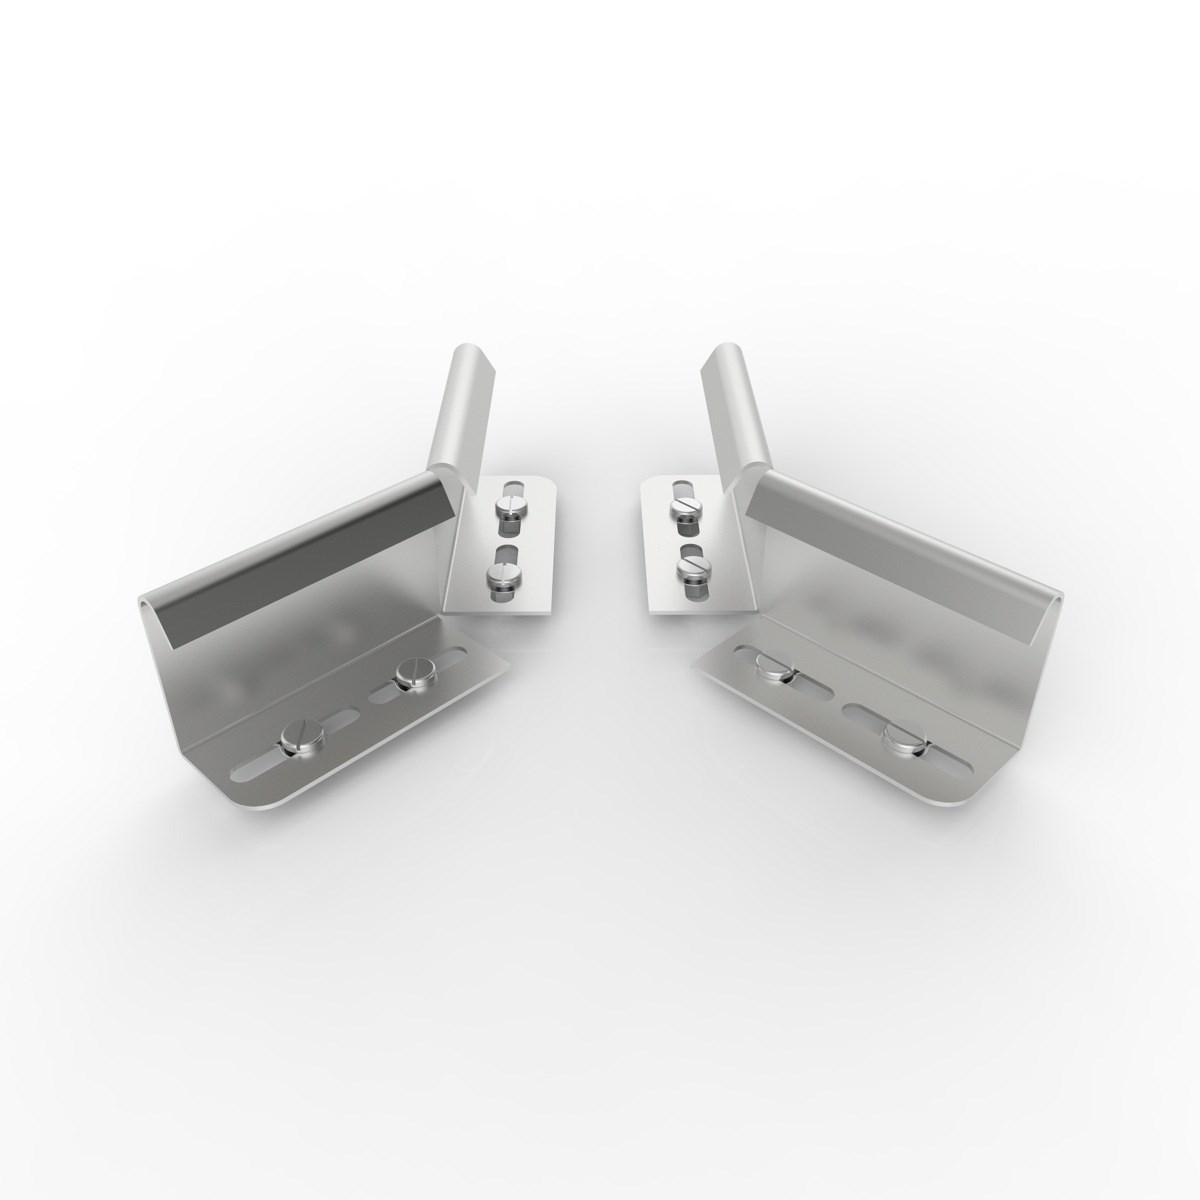 IEFIEL 4 Pcs Nappes Multifonctions Poids Lourds Boucles Suspendues en Acier Inoxydable avec Pince en M/étal Pince /À Nappe Pique-Nique Fl/èche 55 x 55 mm